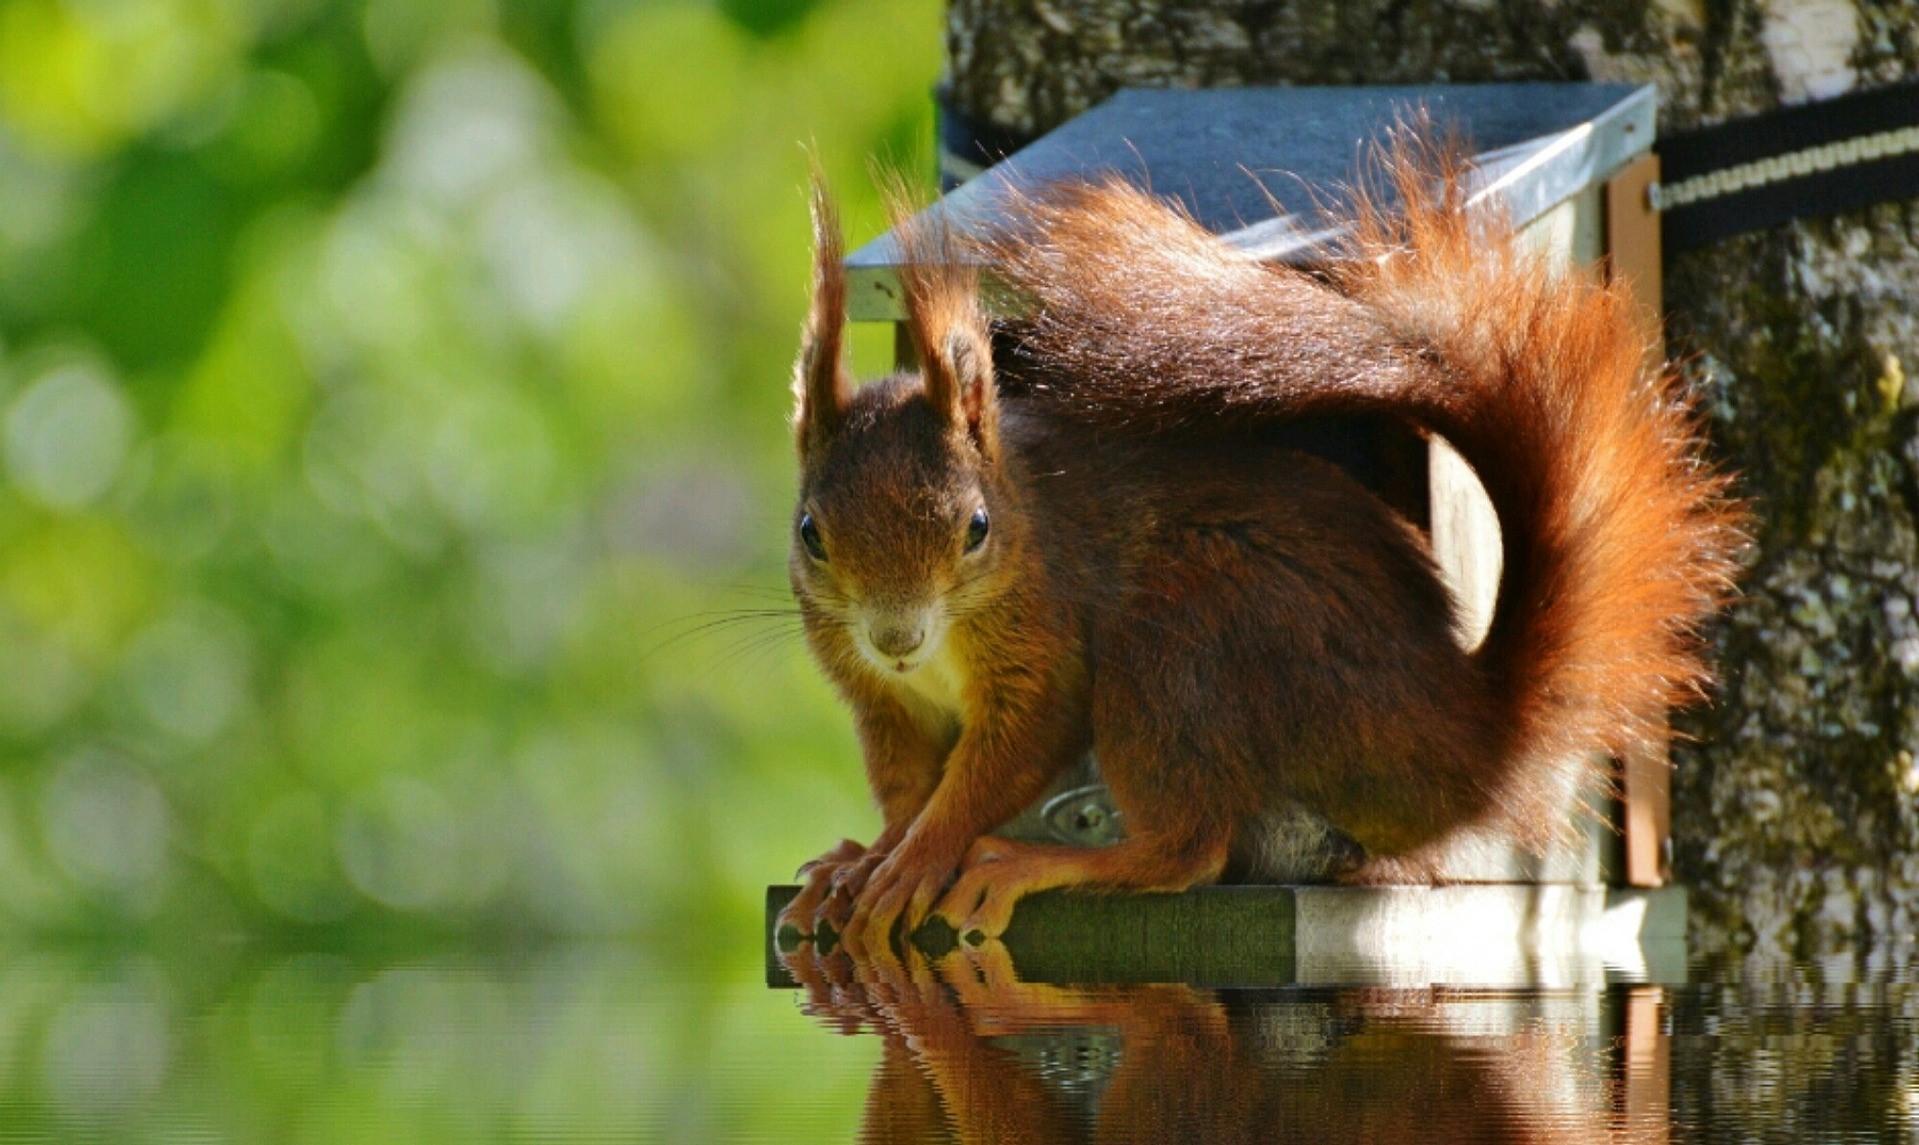 Goutte d'inspiration 14 - L'écureuil, les noisettes et le flow